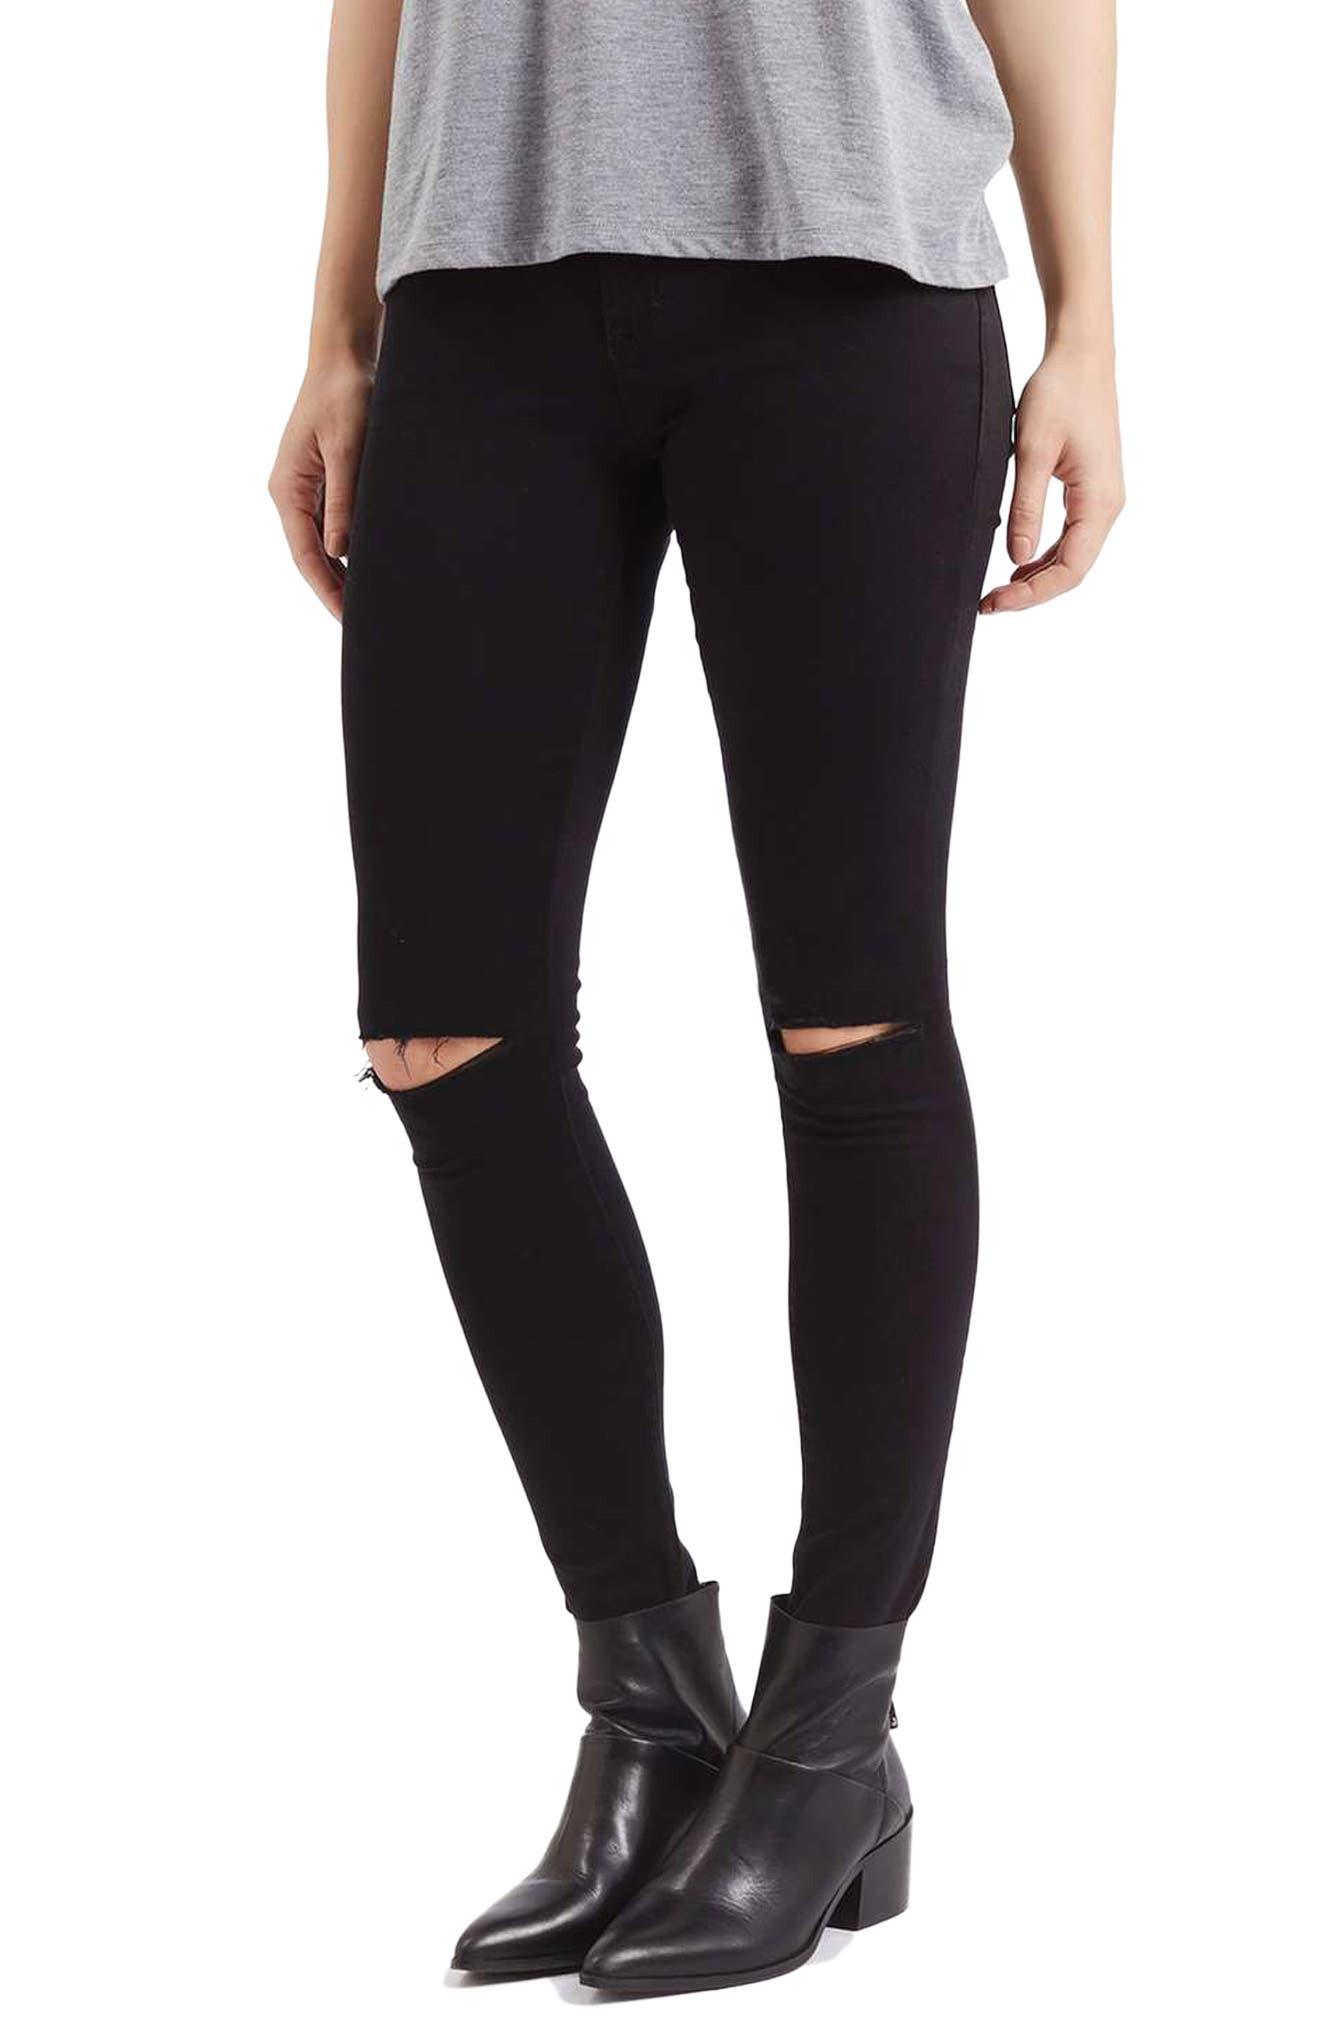 Black torn up skinny jeans